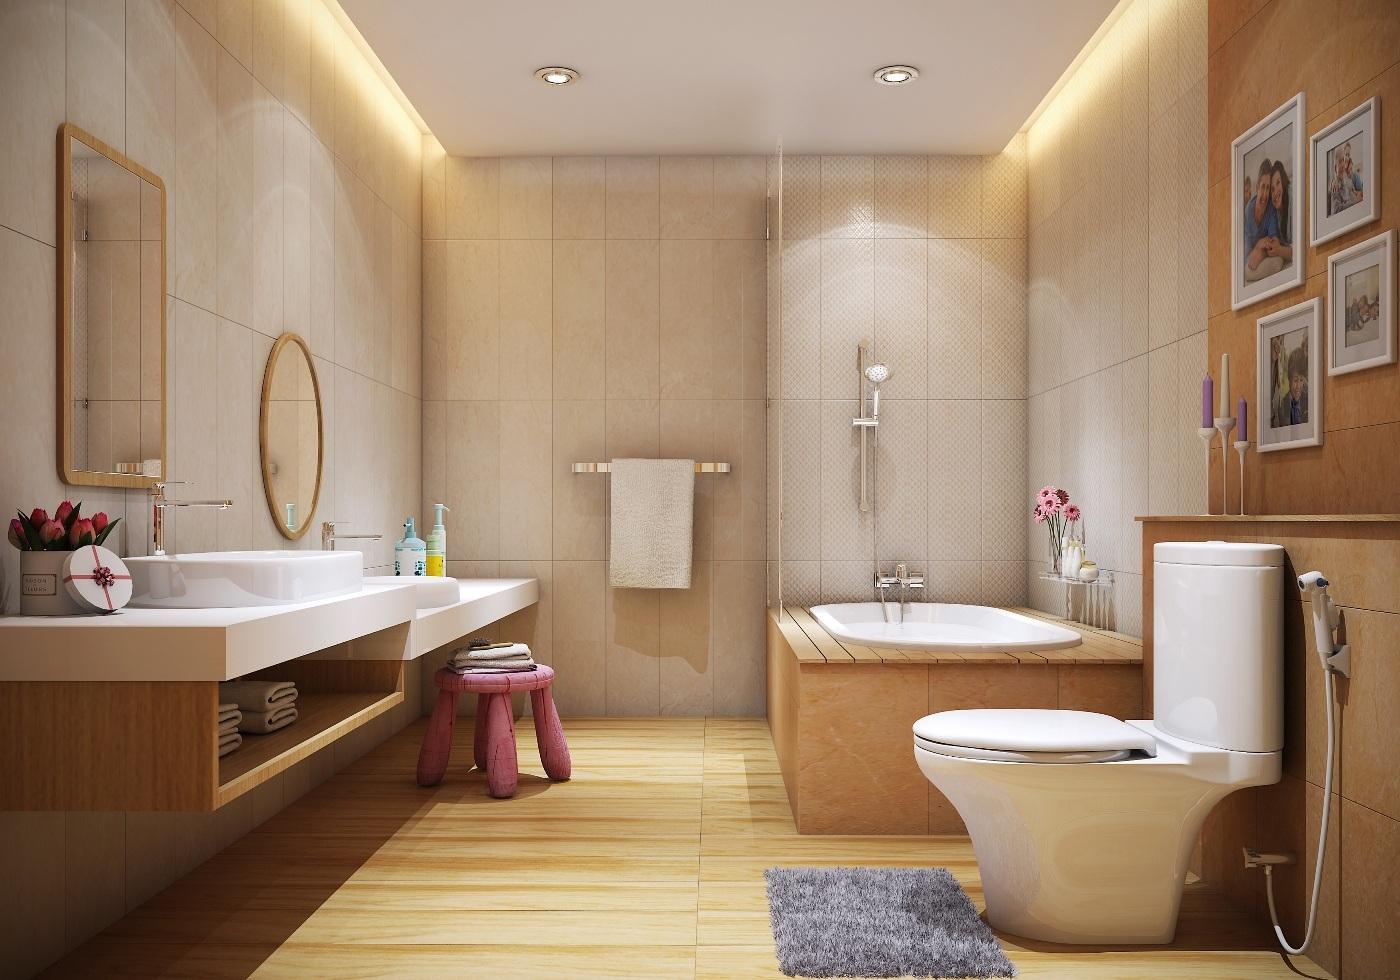 Còn các kích cỡ khác nhau ở những mẫu thiết bị phòng tắm sẽ đáp ứng tiêu chí hòa hợp trong thiết kế phòng tắm dành cho gia đình đông người.